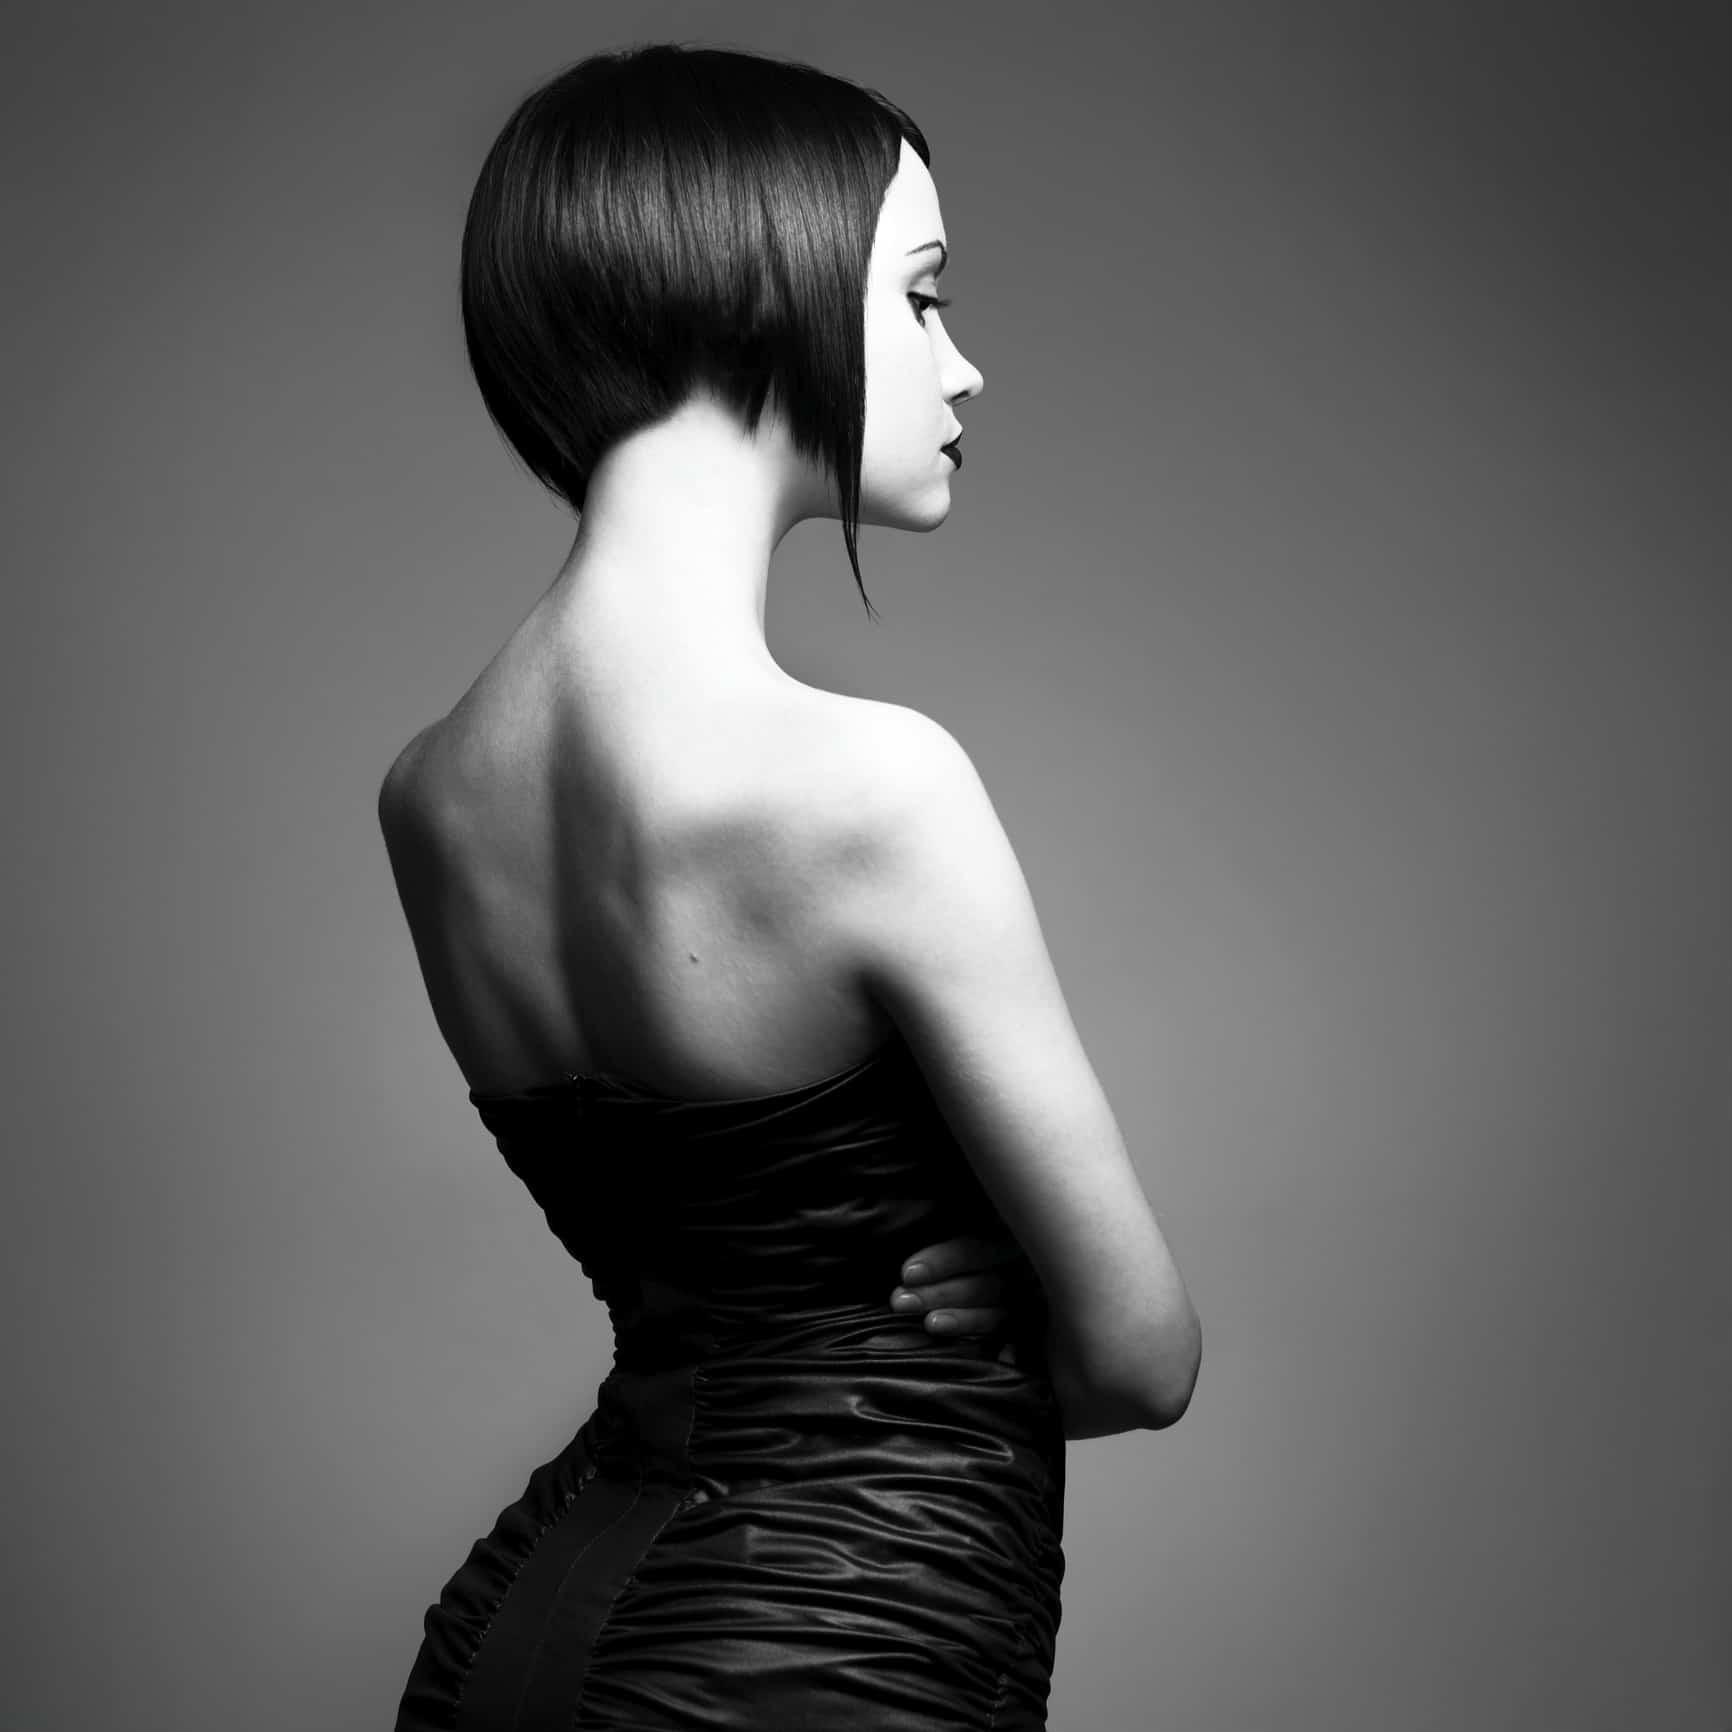 elegant-lady-with-stylish-hairstyle